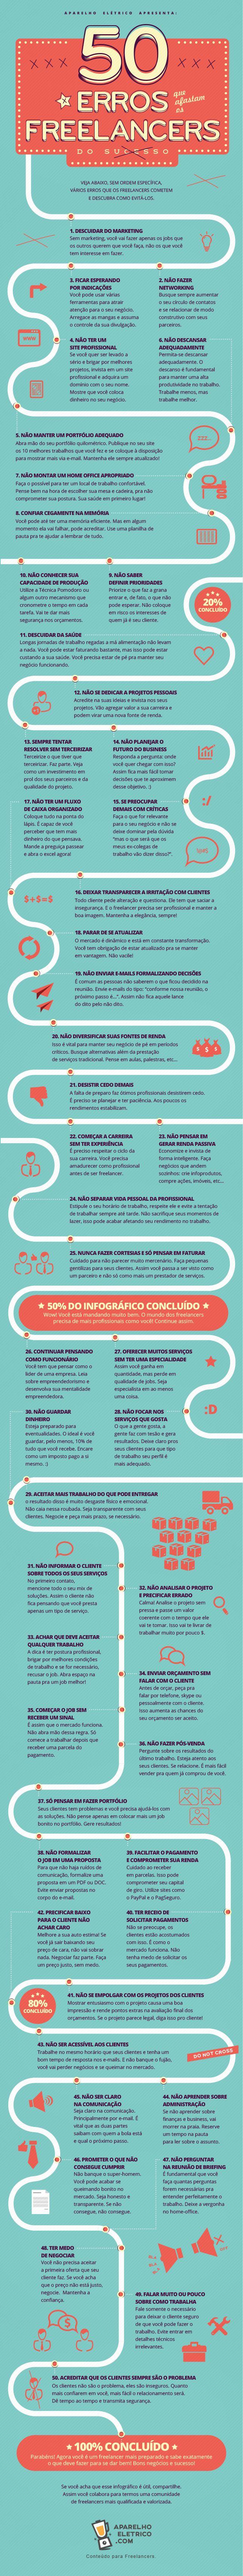 50 erros que afastam os freelancers do sucesso - Assuntos Criativos